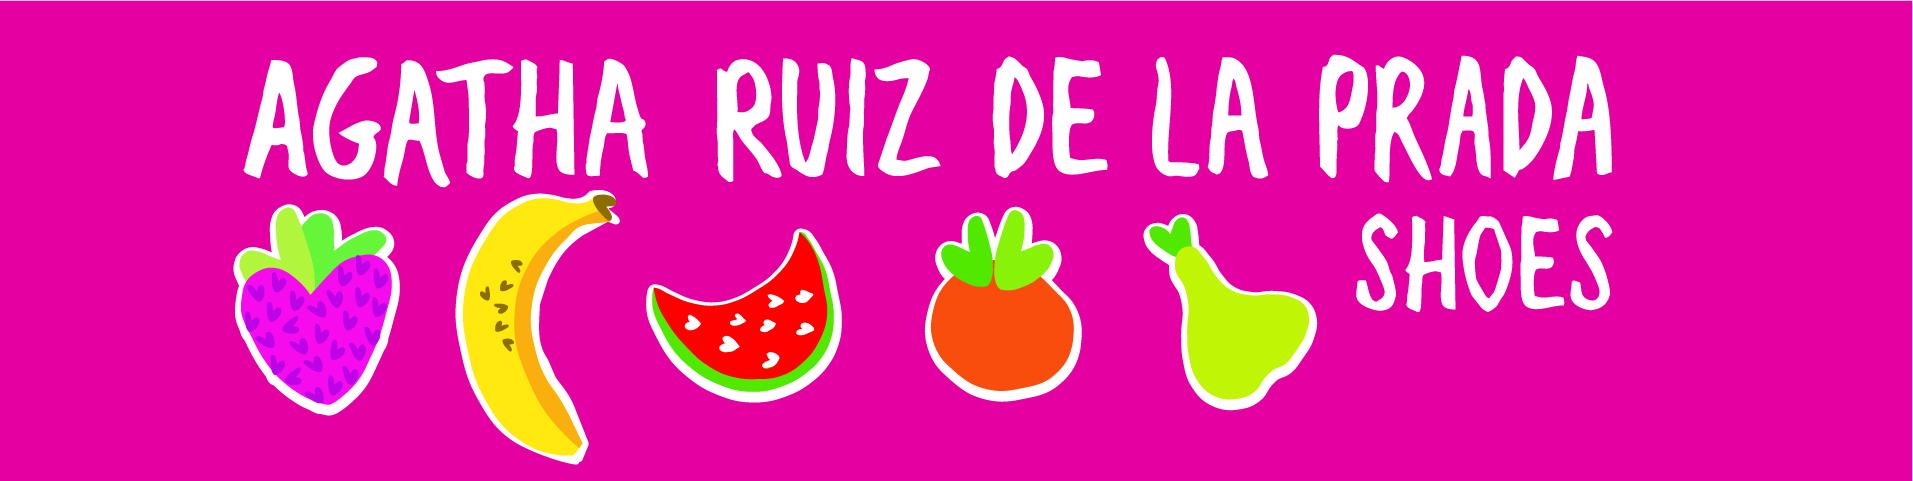 30b753103c5 Agatha Ruiz de la Prada online shop • ZALANDO • Ontdek het aanbod